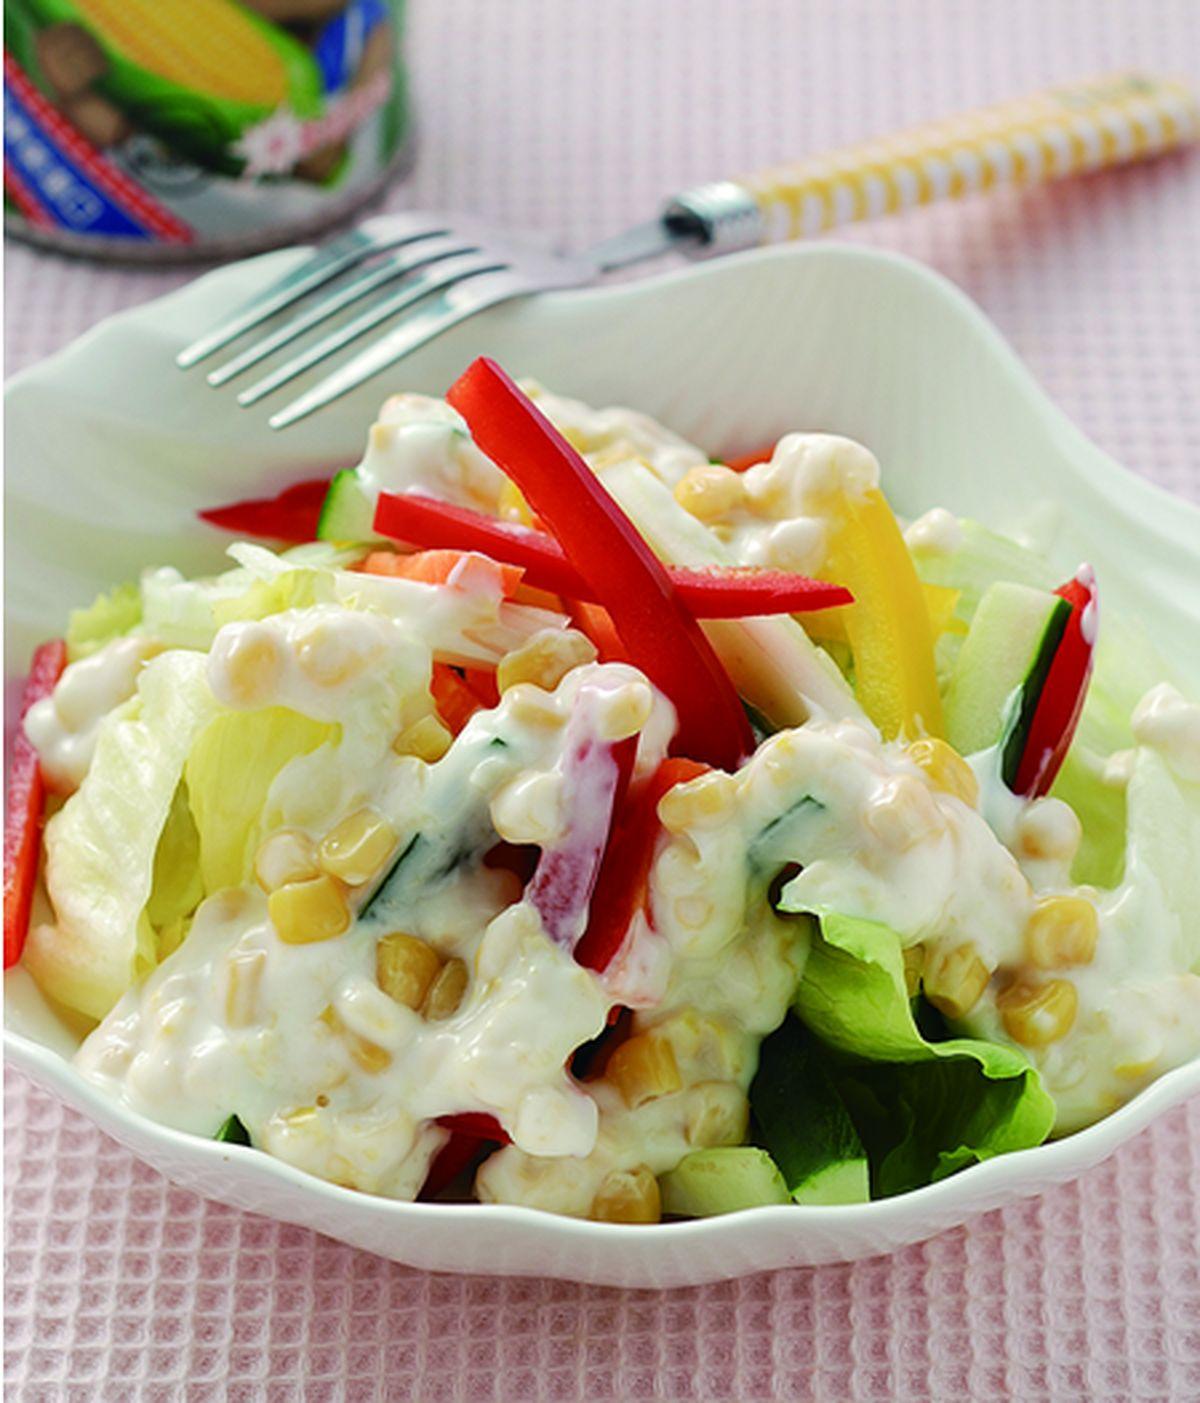 食譜:玉米沙拉醬蔬菜